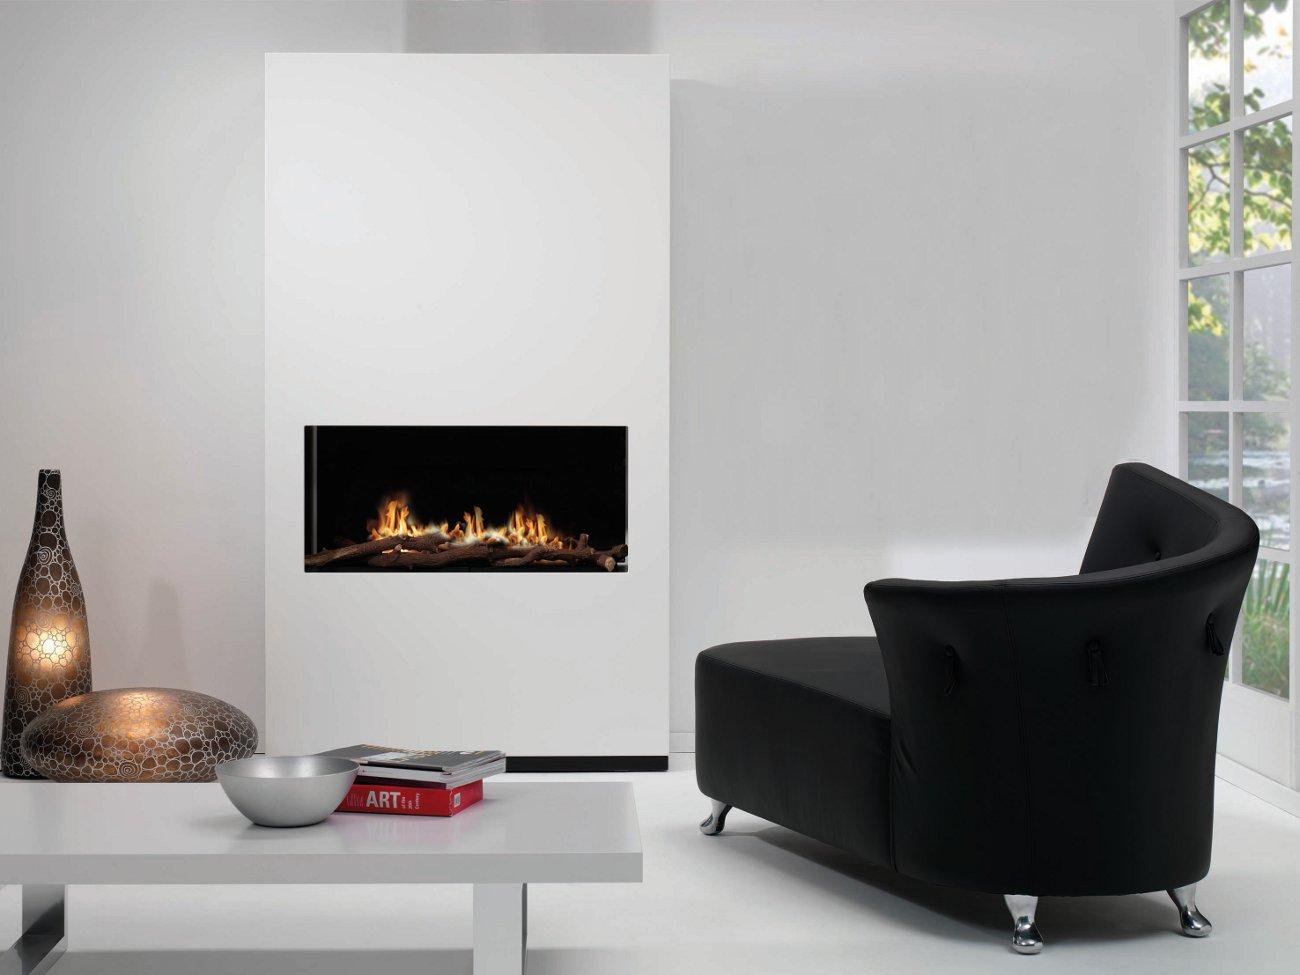 ruby fires design ethanolkamin ambiance. Black Bedroom Furniture Sets. Home Design Ideas